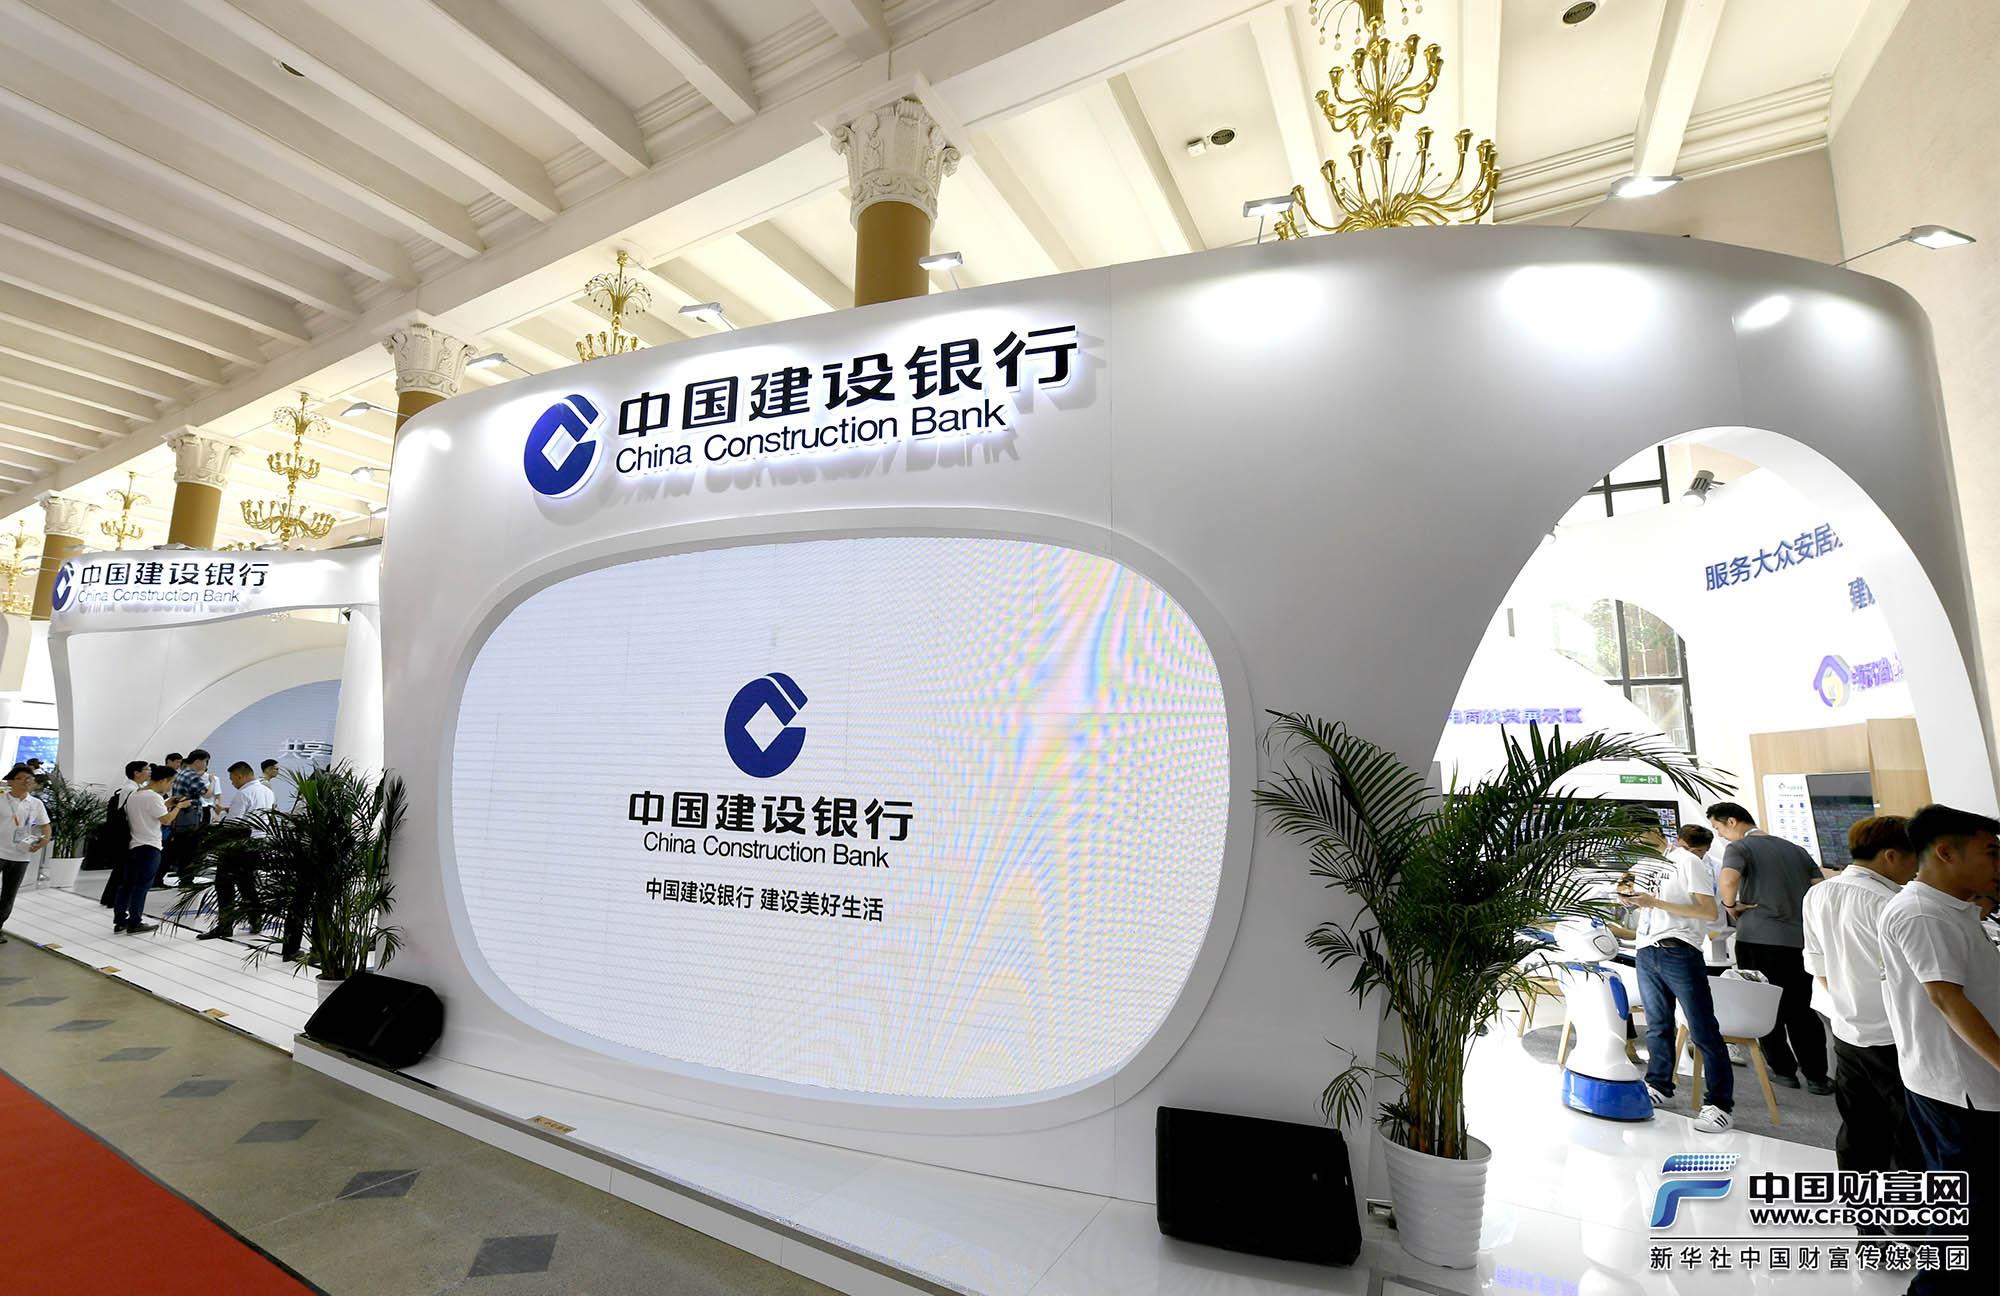 中国建设银行展台